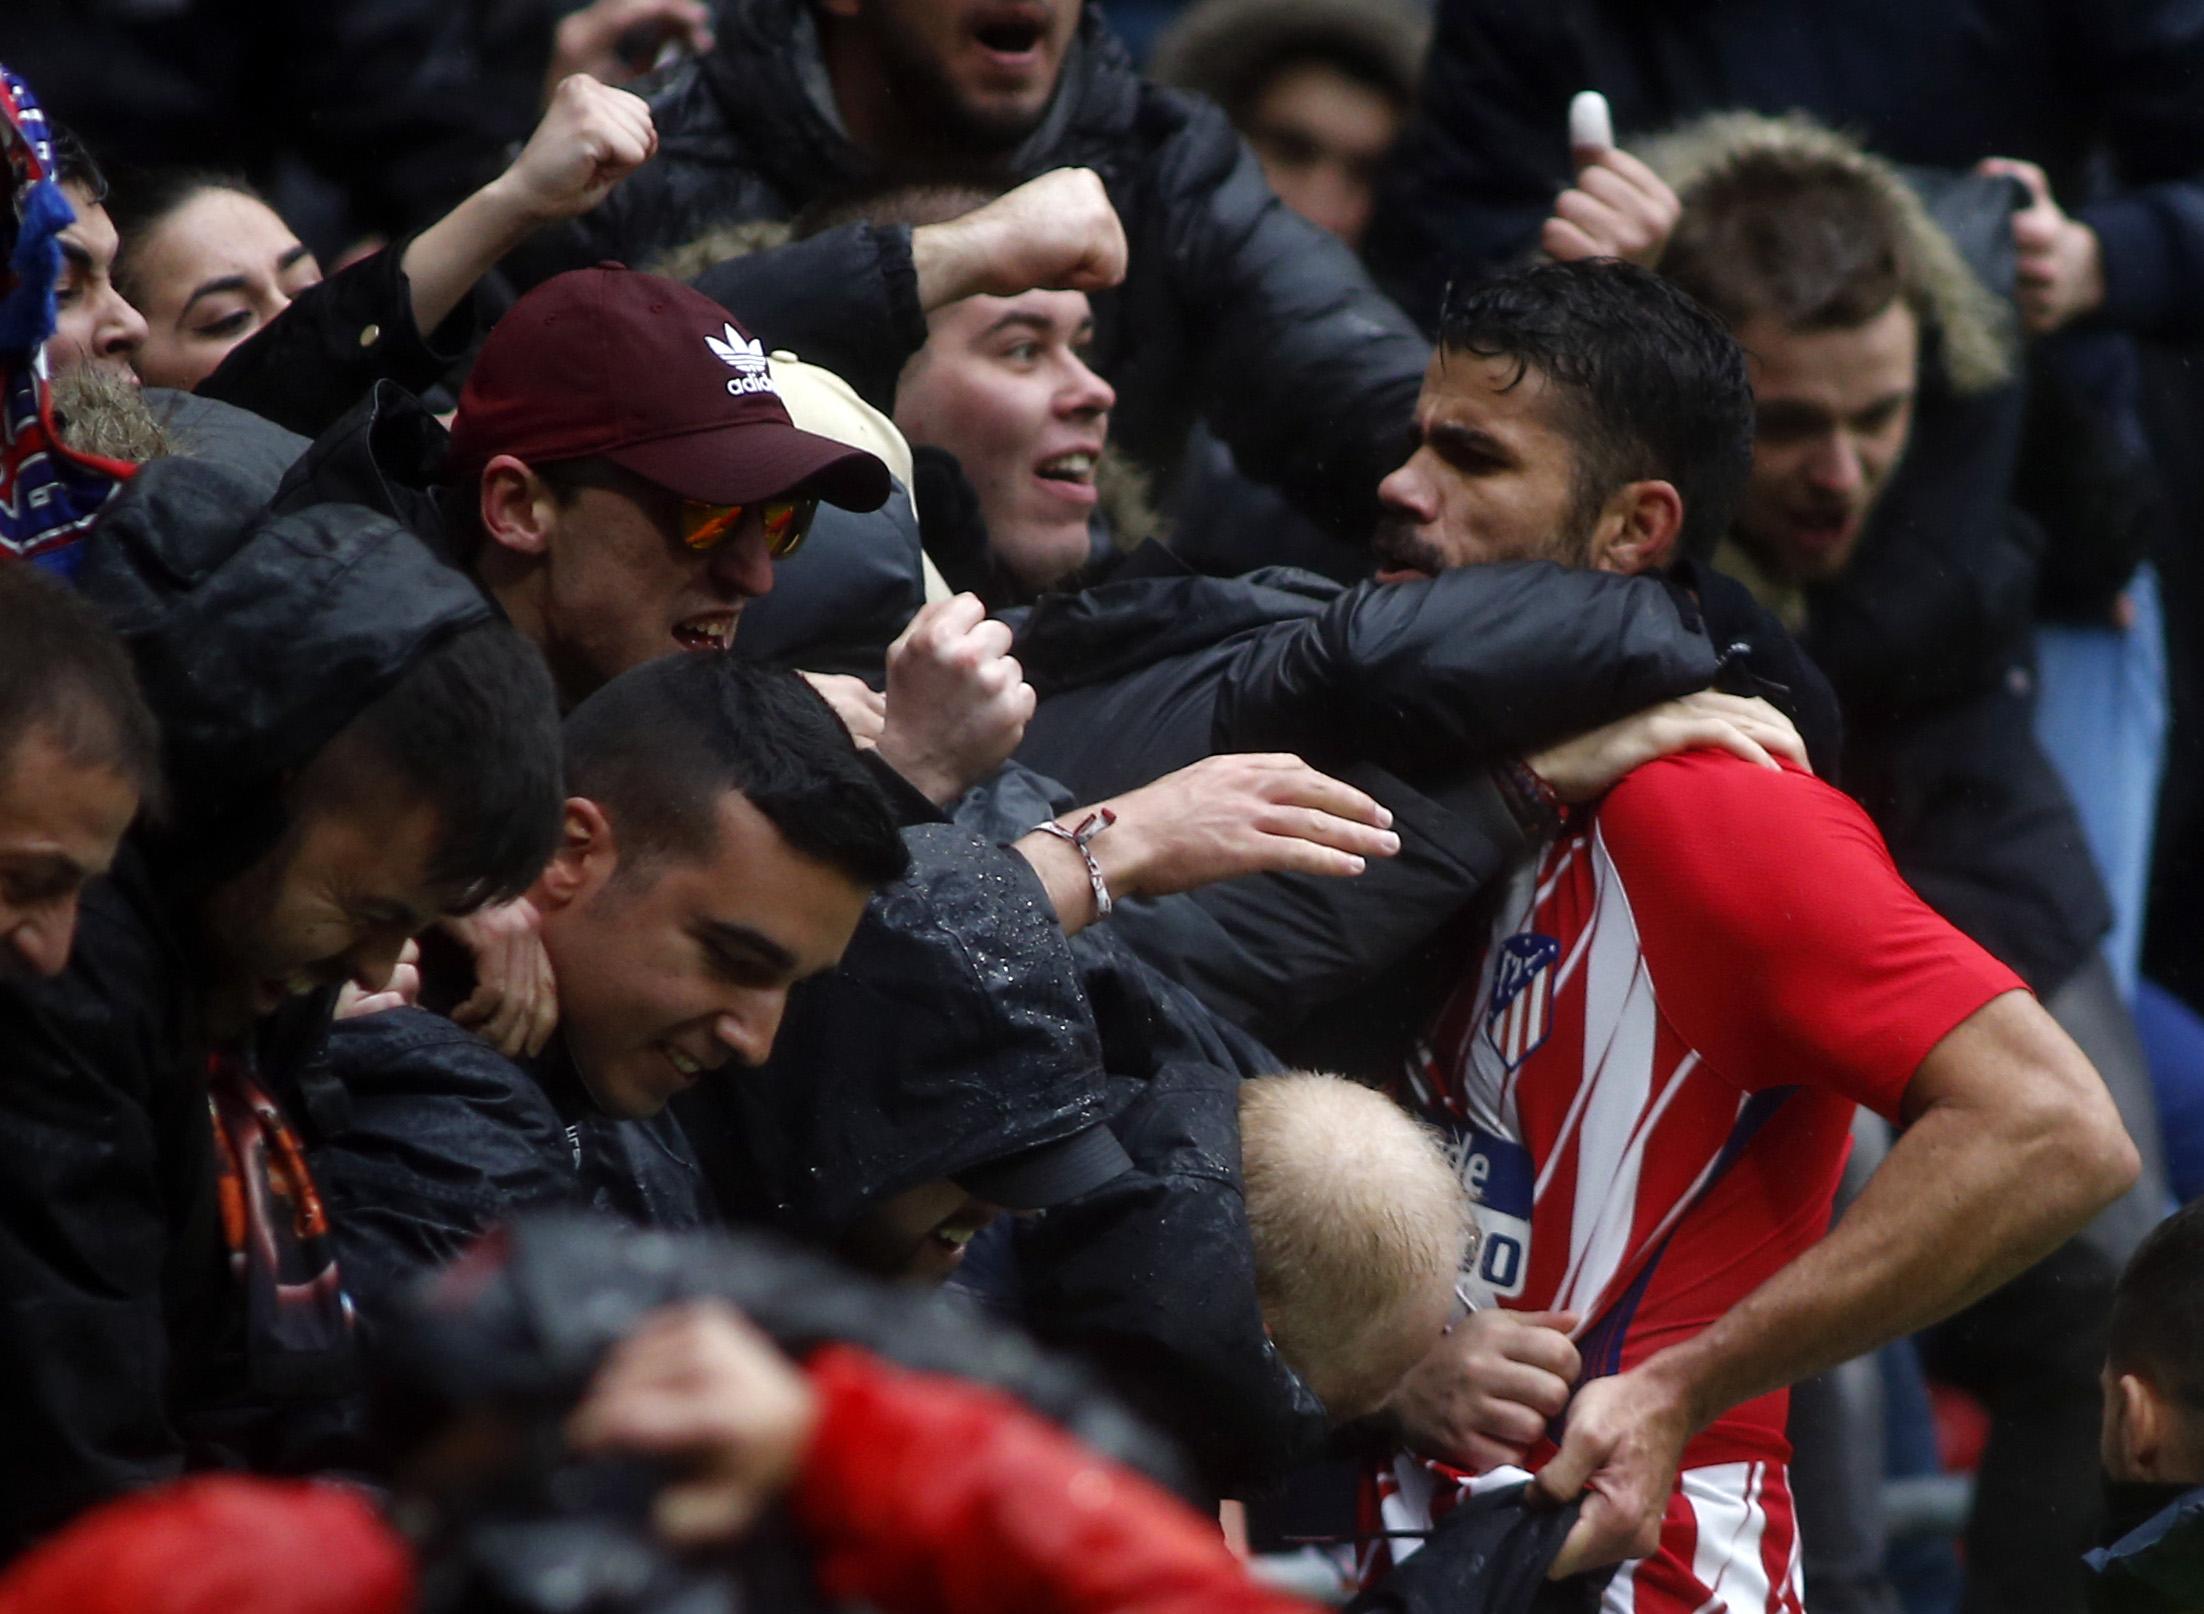 Costa debuta con gol, expulsión y triunfo 2-0 del Atlético